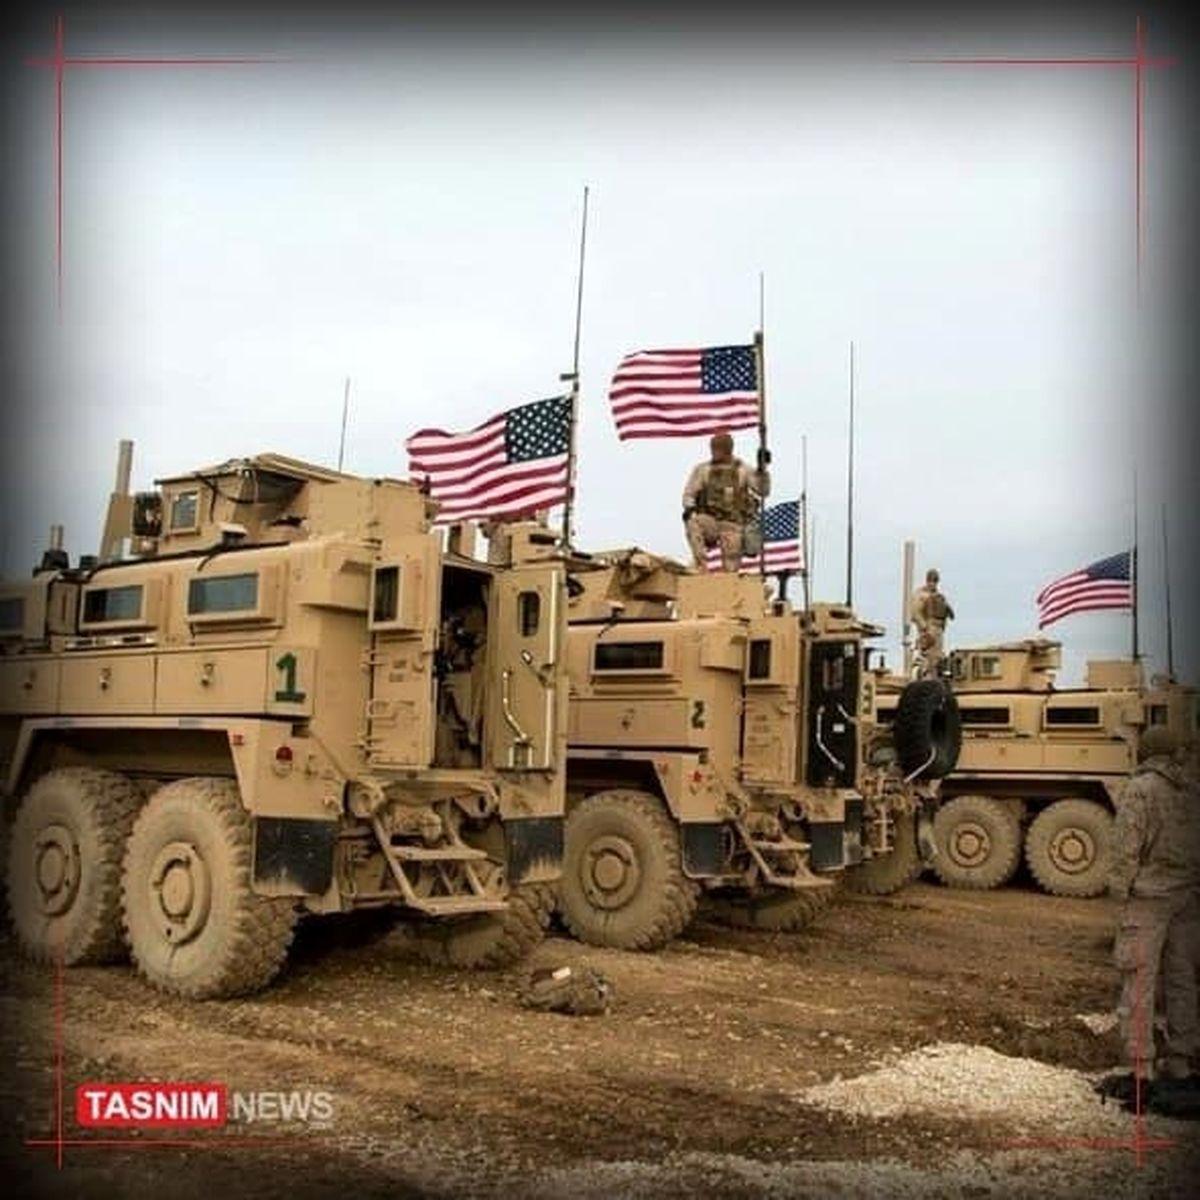 حمله جدید به کاروان نظامیان آمریکایی در عراق